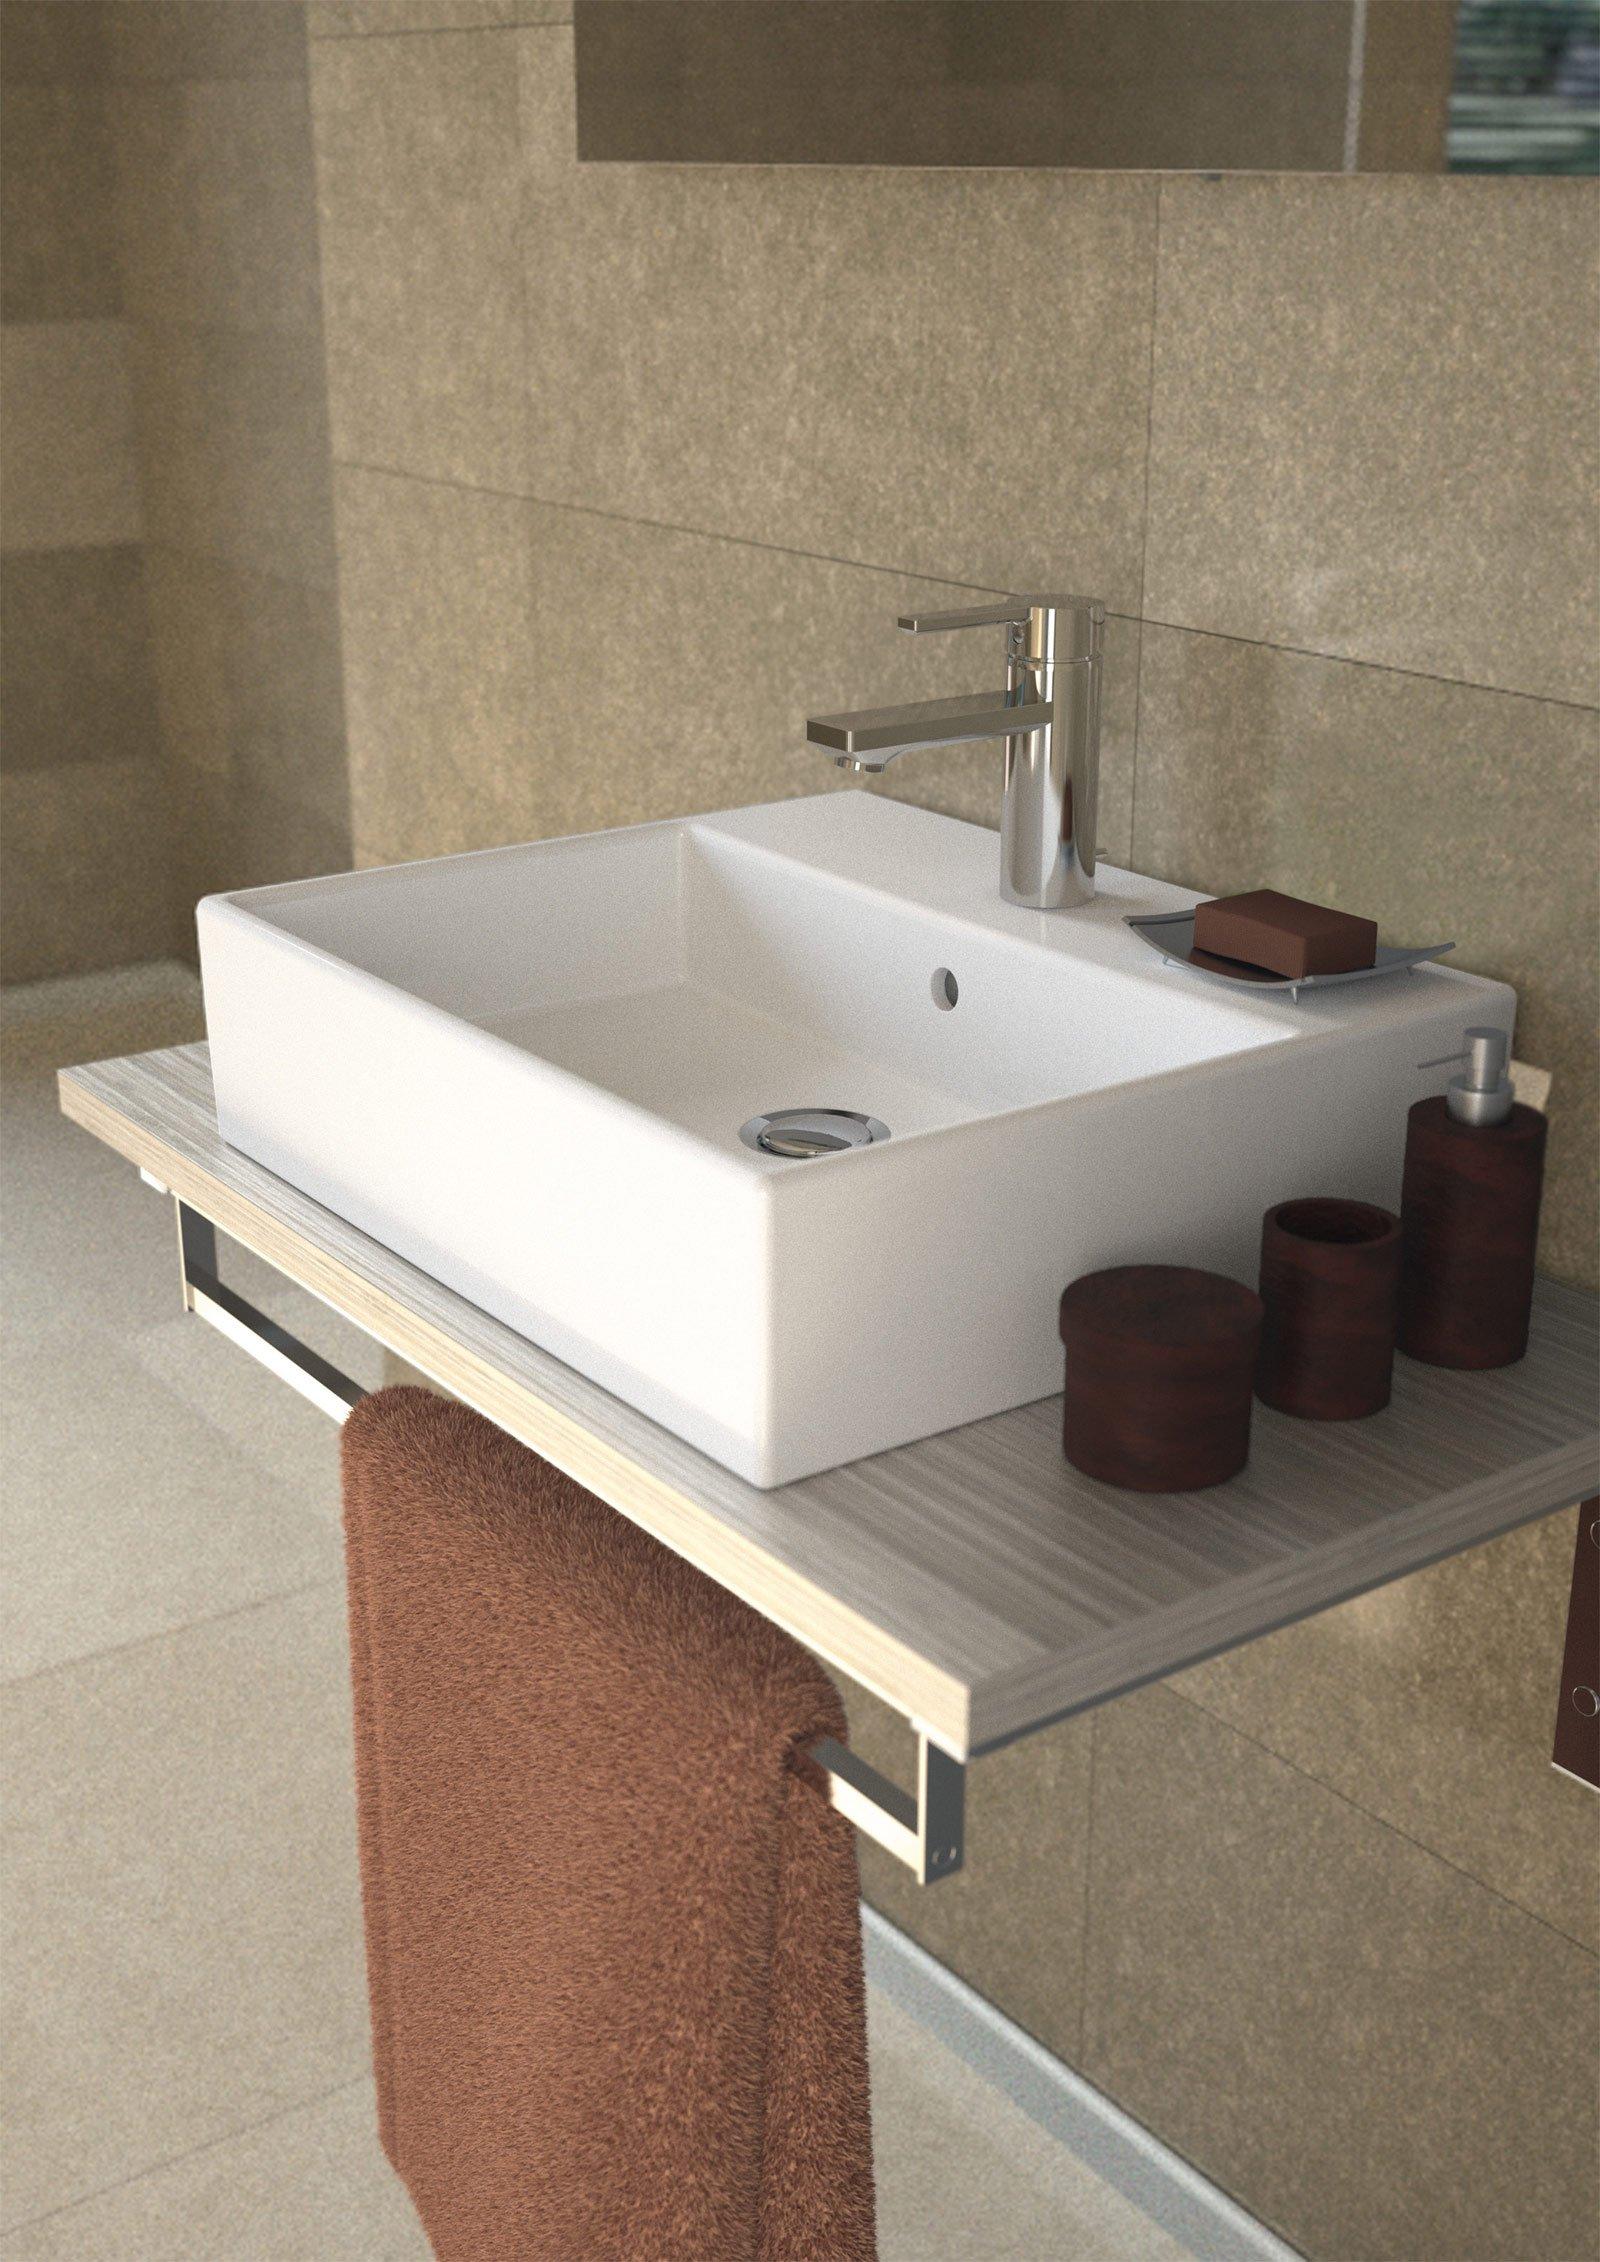 mobili da bagno ideal standard il lavabo con troppopieno in ceramica bianca strada di ideal